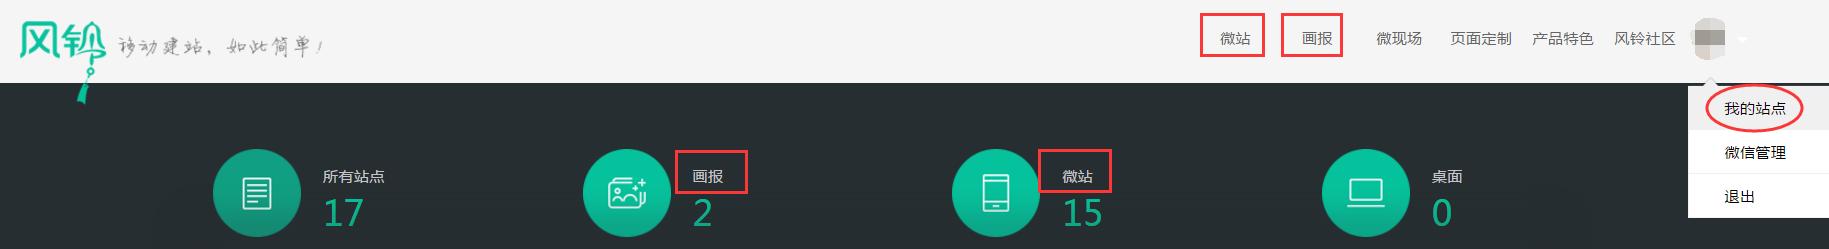 腾讯风铃建站:微站和画报有什么区别?